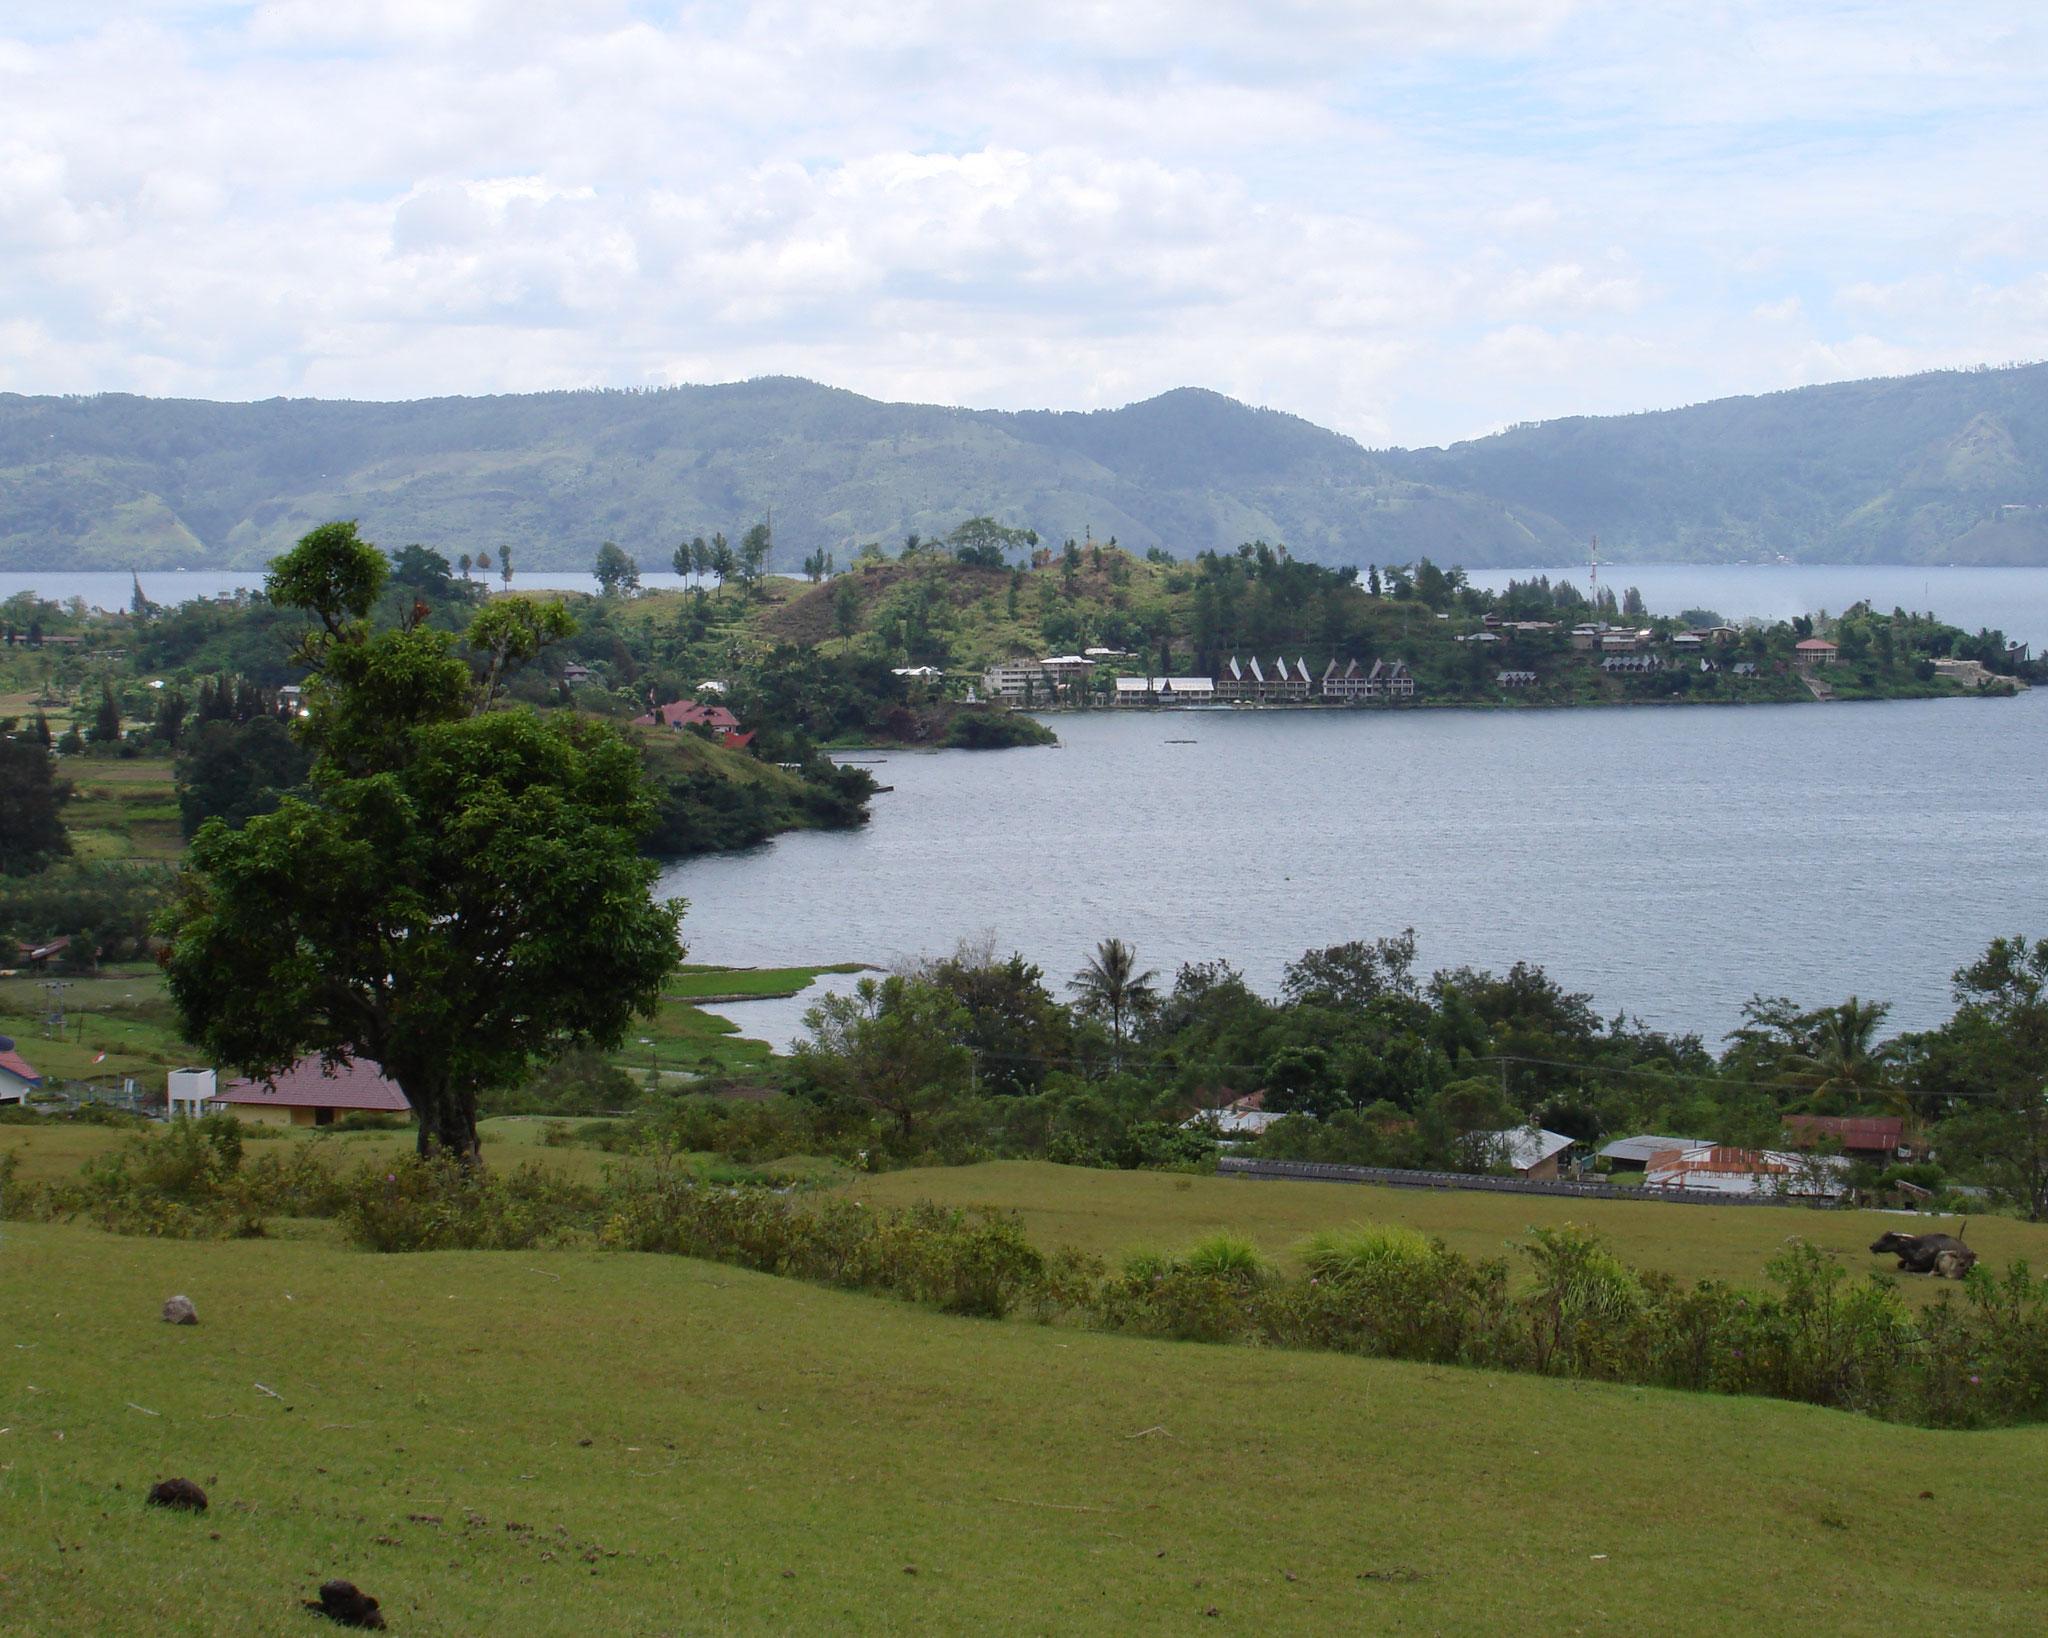 Blick auf Tuk Tuk, Insel Samosir, Lake Toba, Sumatra in Indonesien